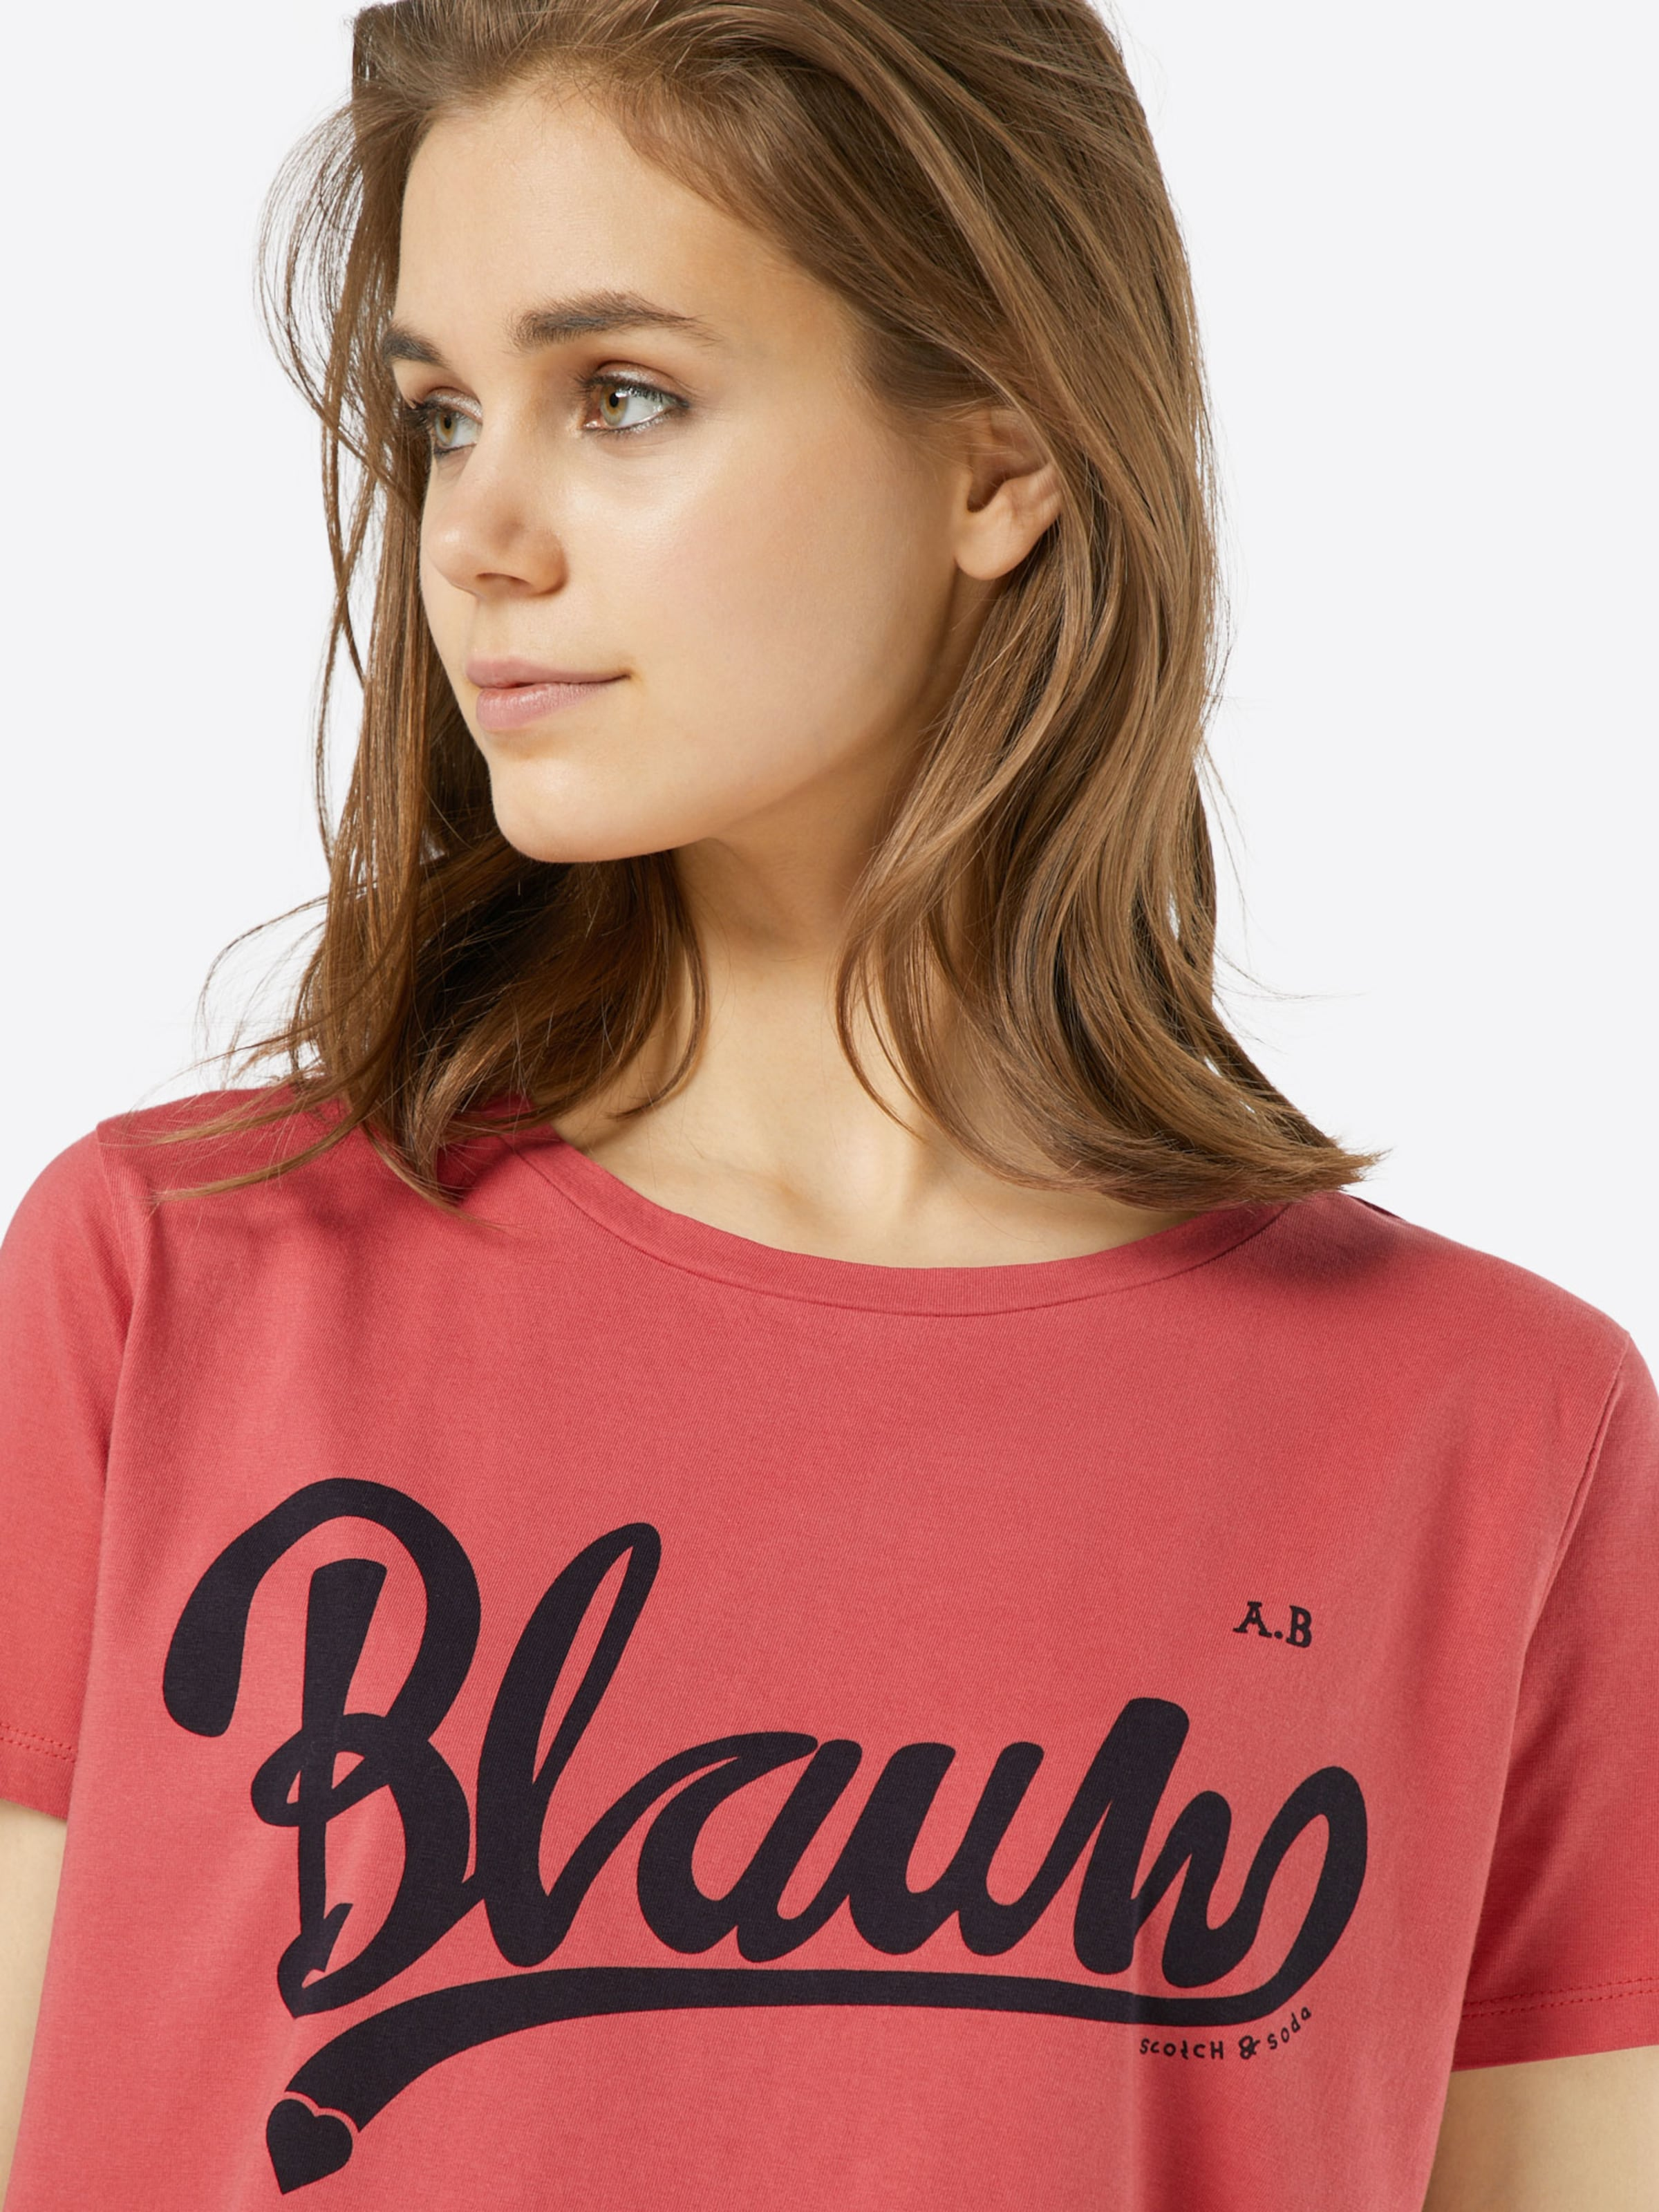 Factory-Outlet-Verkauf SCOTCH & SODA Casual T-Shirt Spielraum Billig Echt cPW2xv3inl